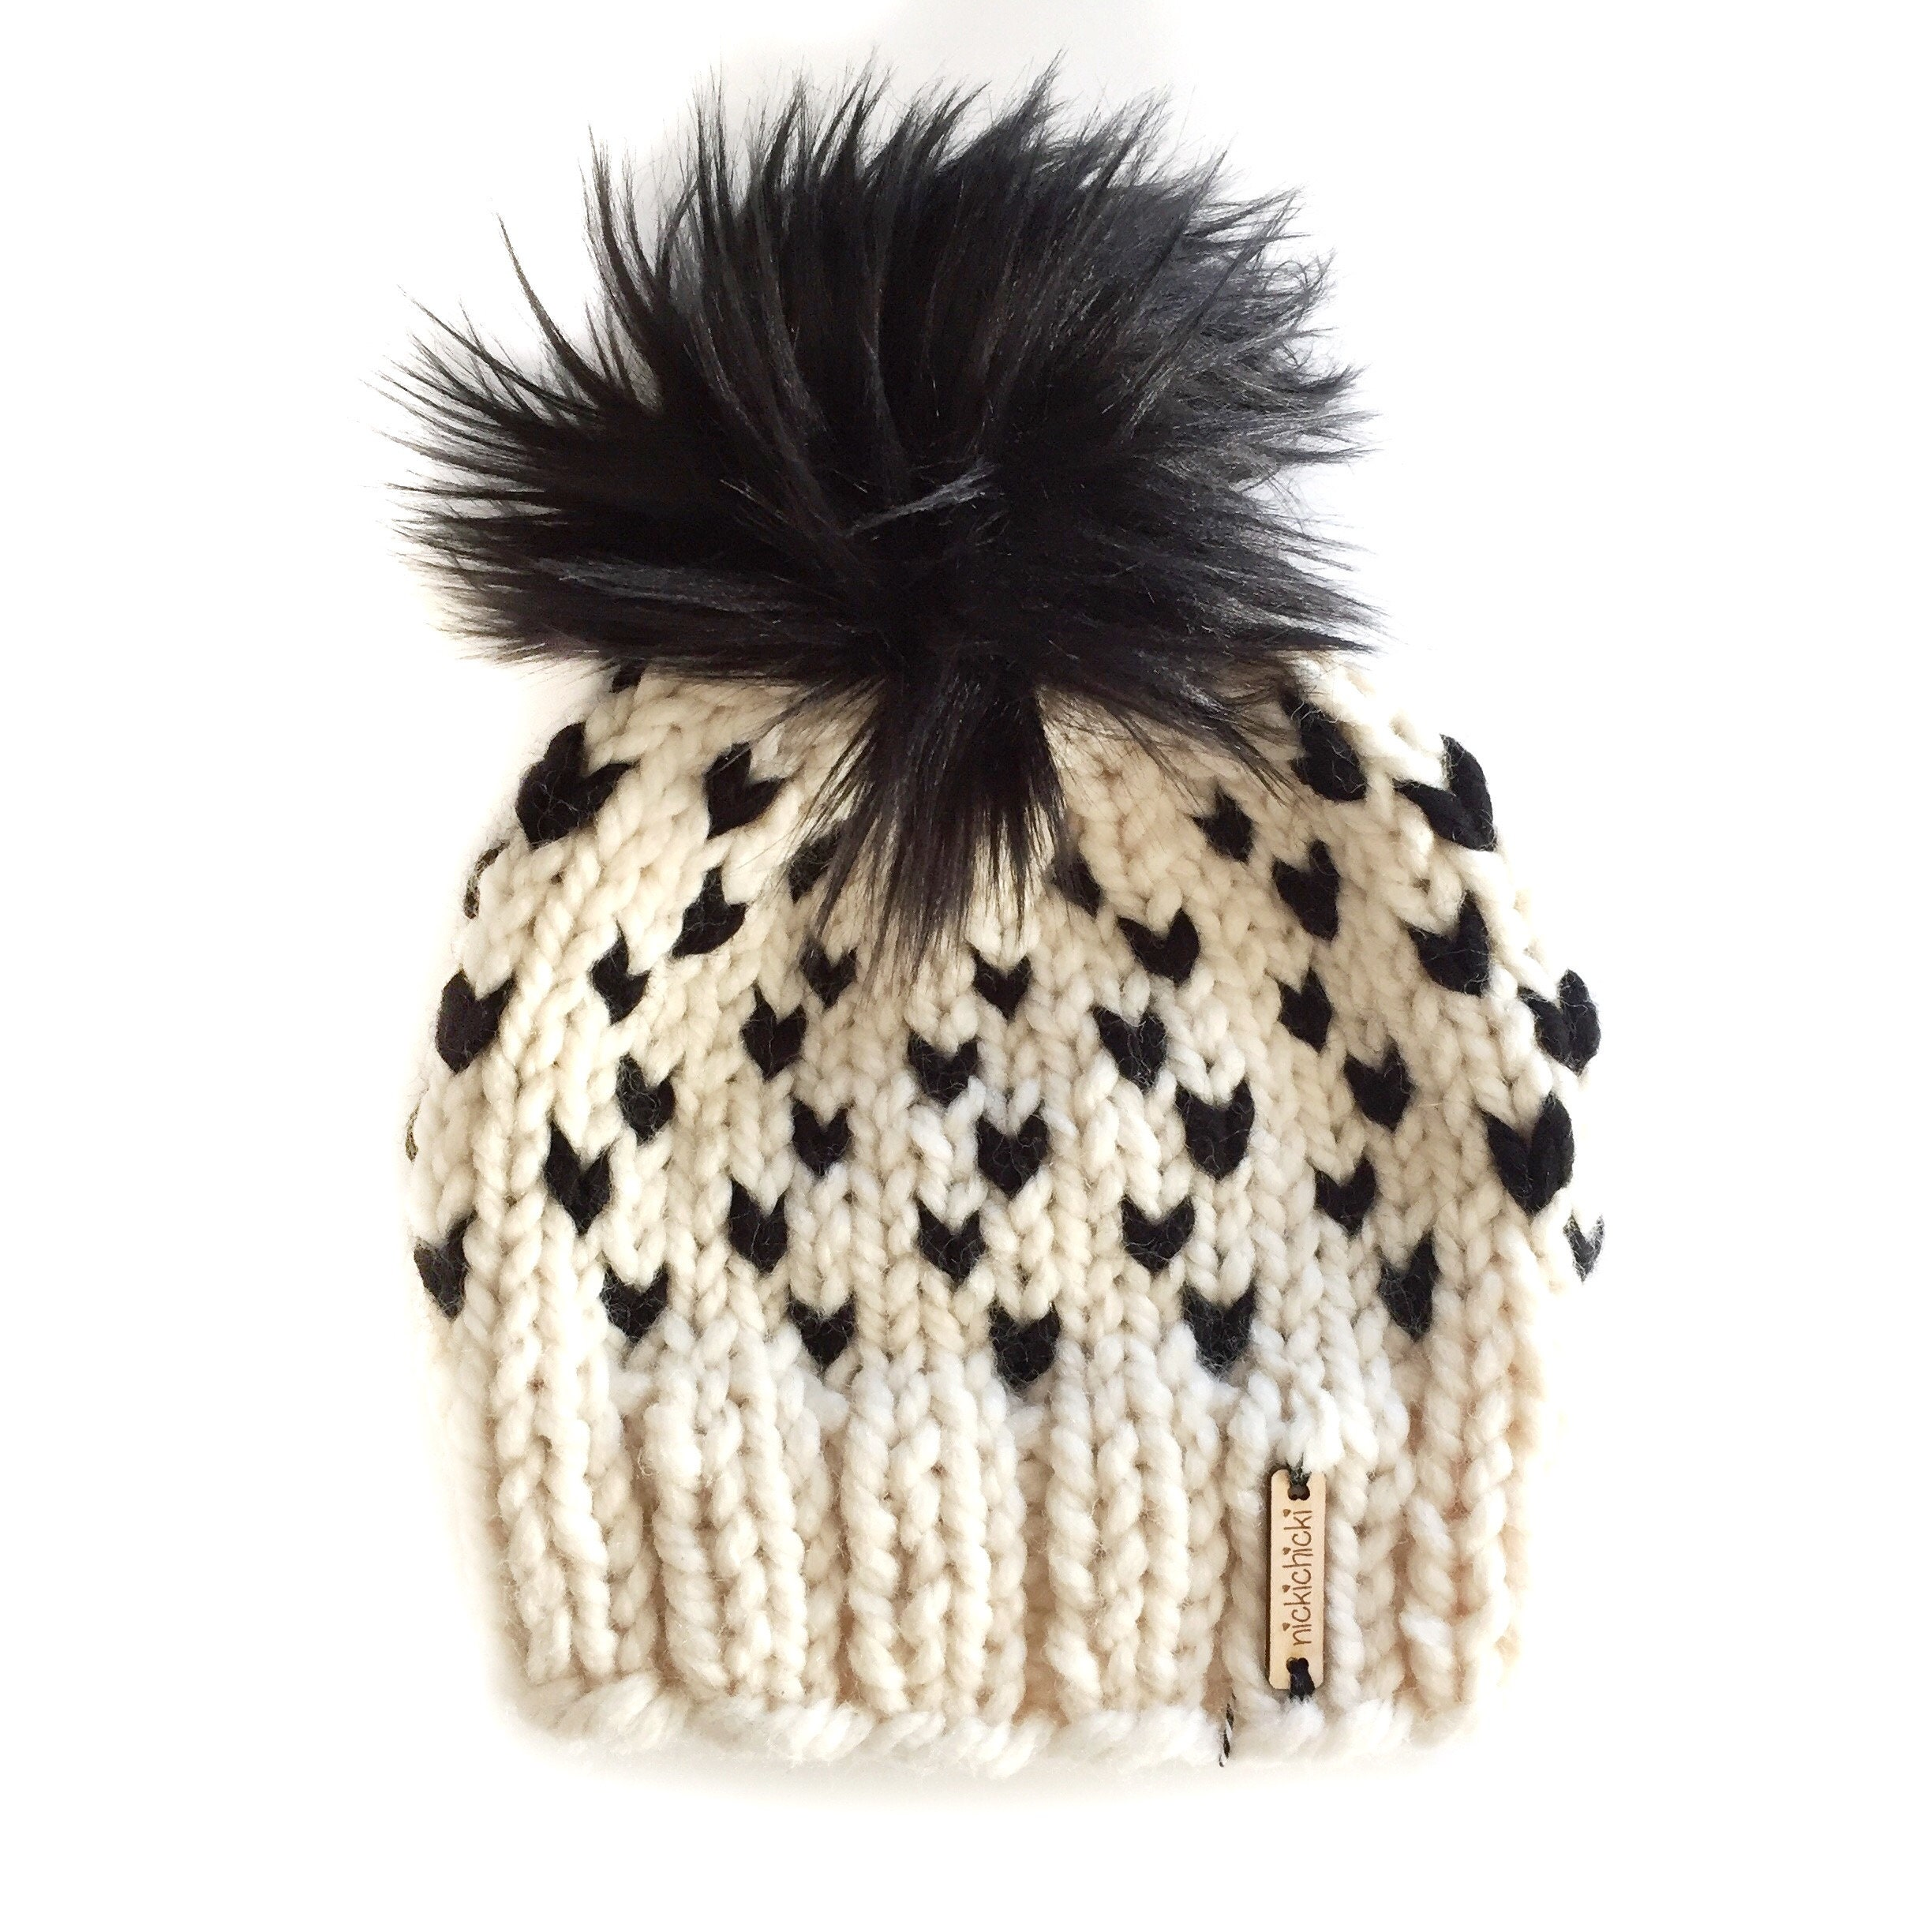 Baby Pom-Pom Beanie White Black Pom Pom Beanie Unisex Hat  6356156e435